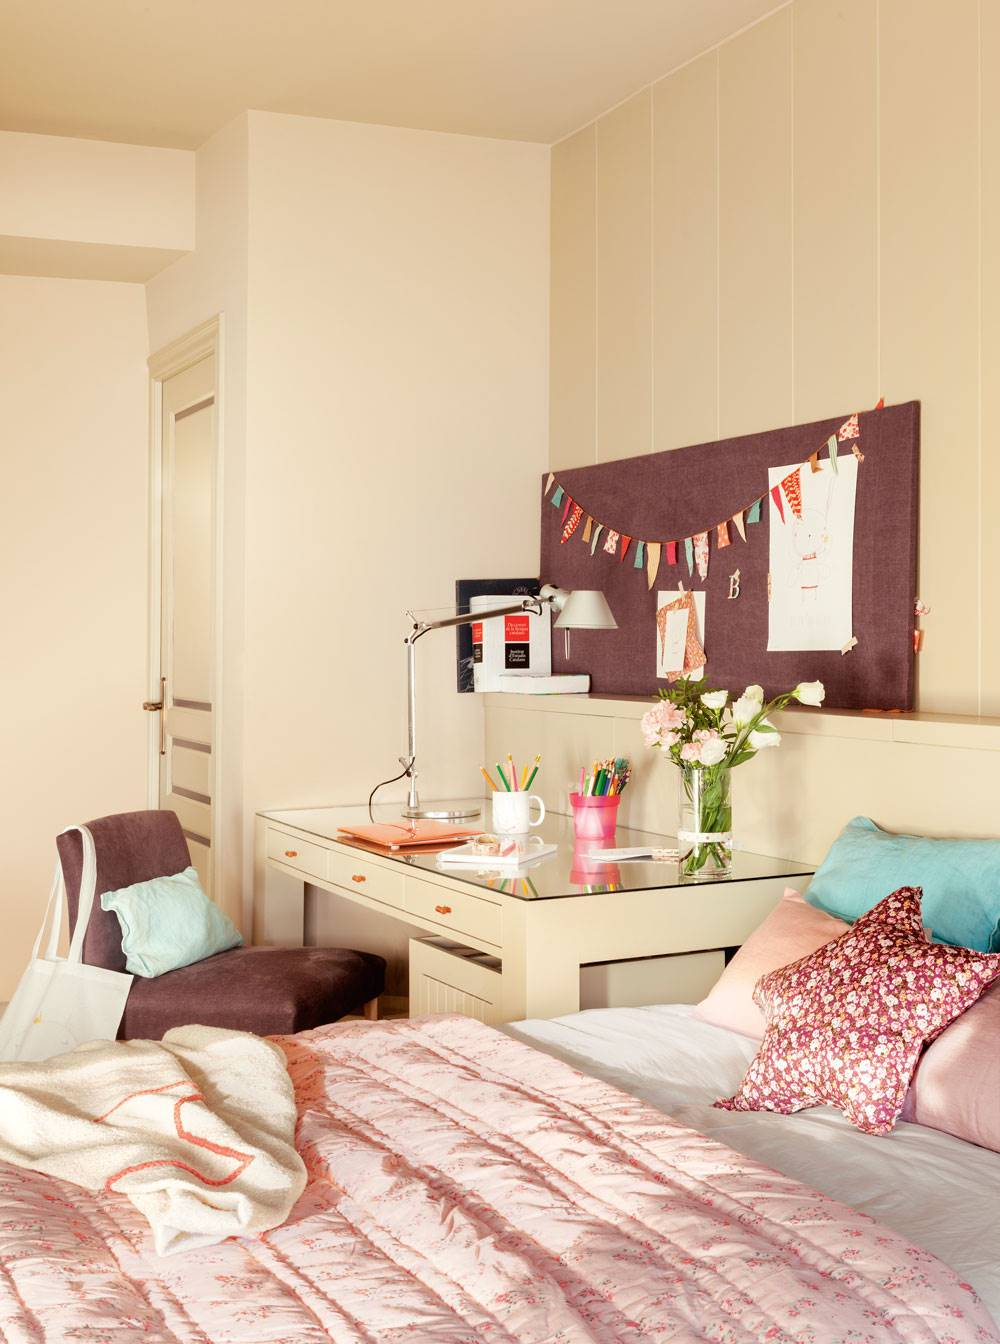 Dormitorios Juveniles Fotos E Ideas De Decoraci 243 N